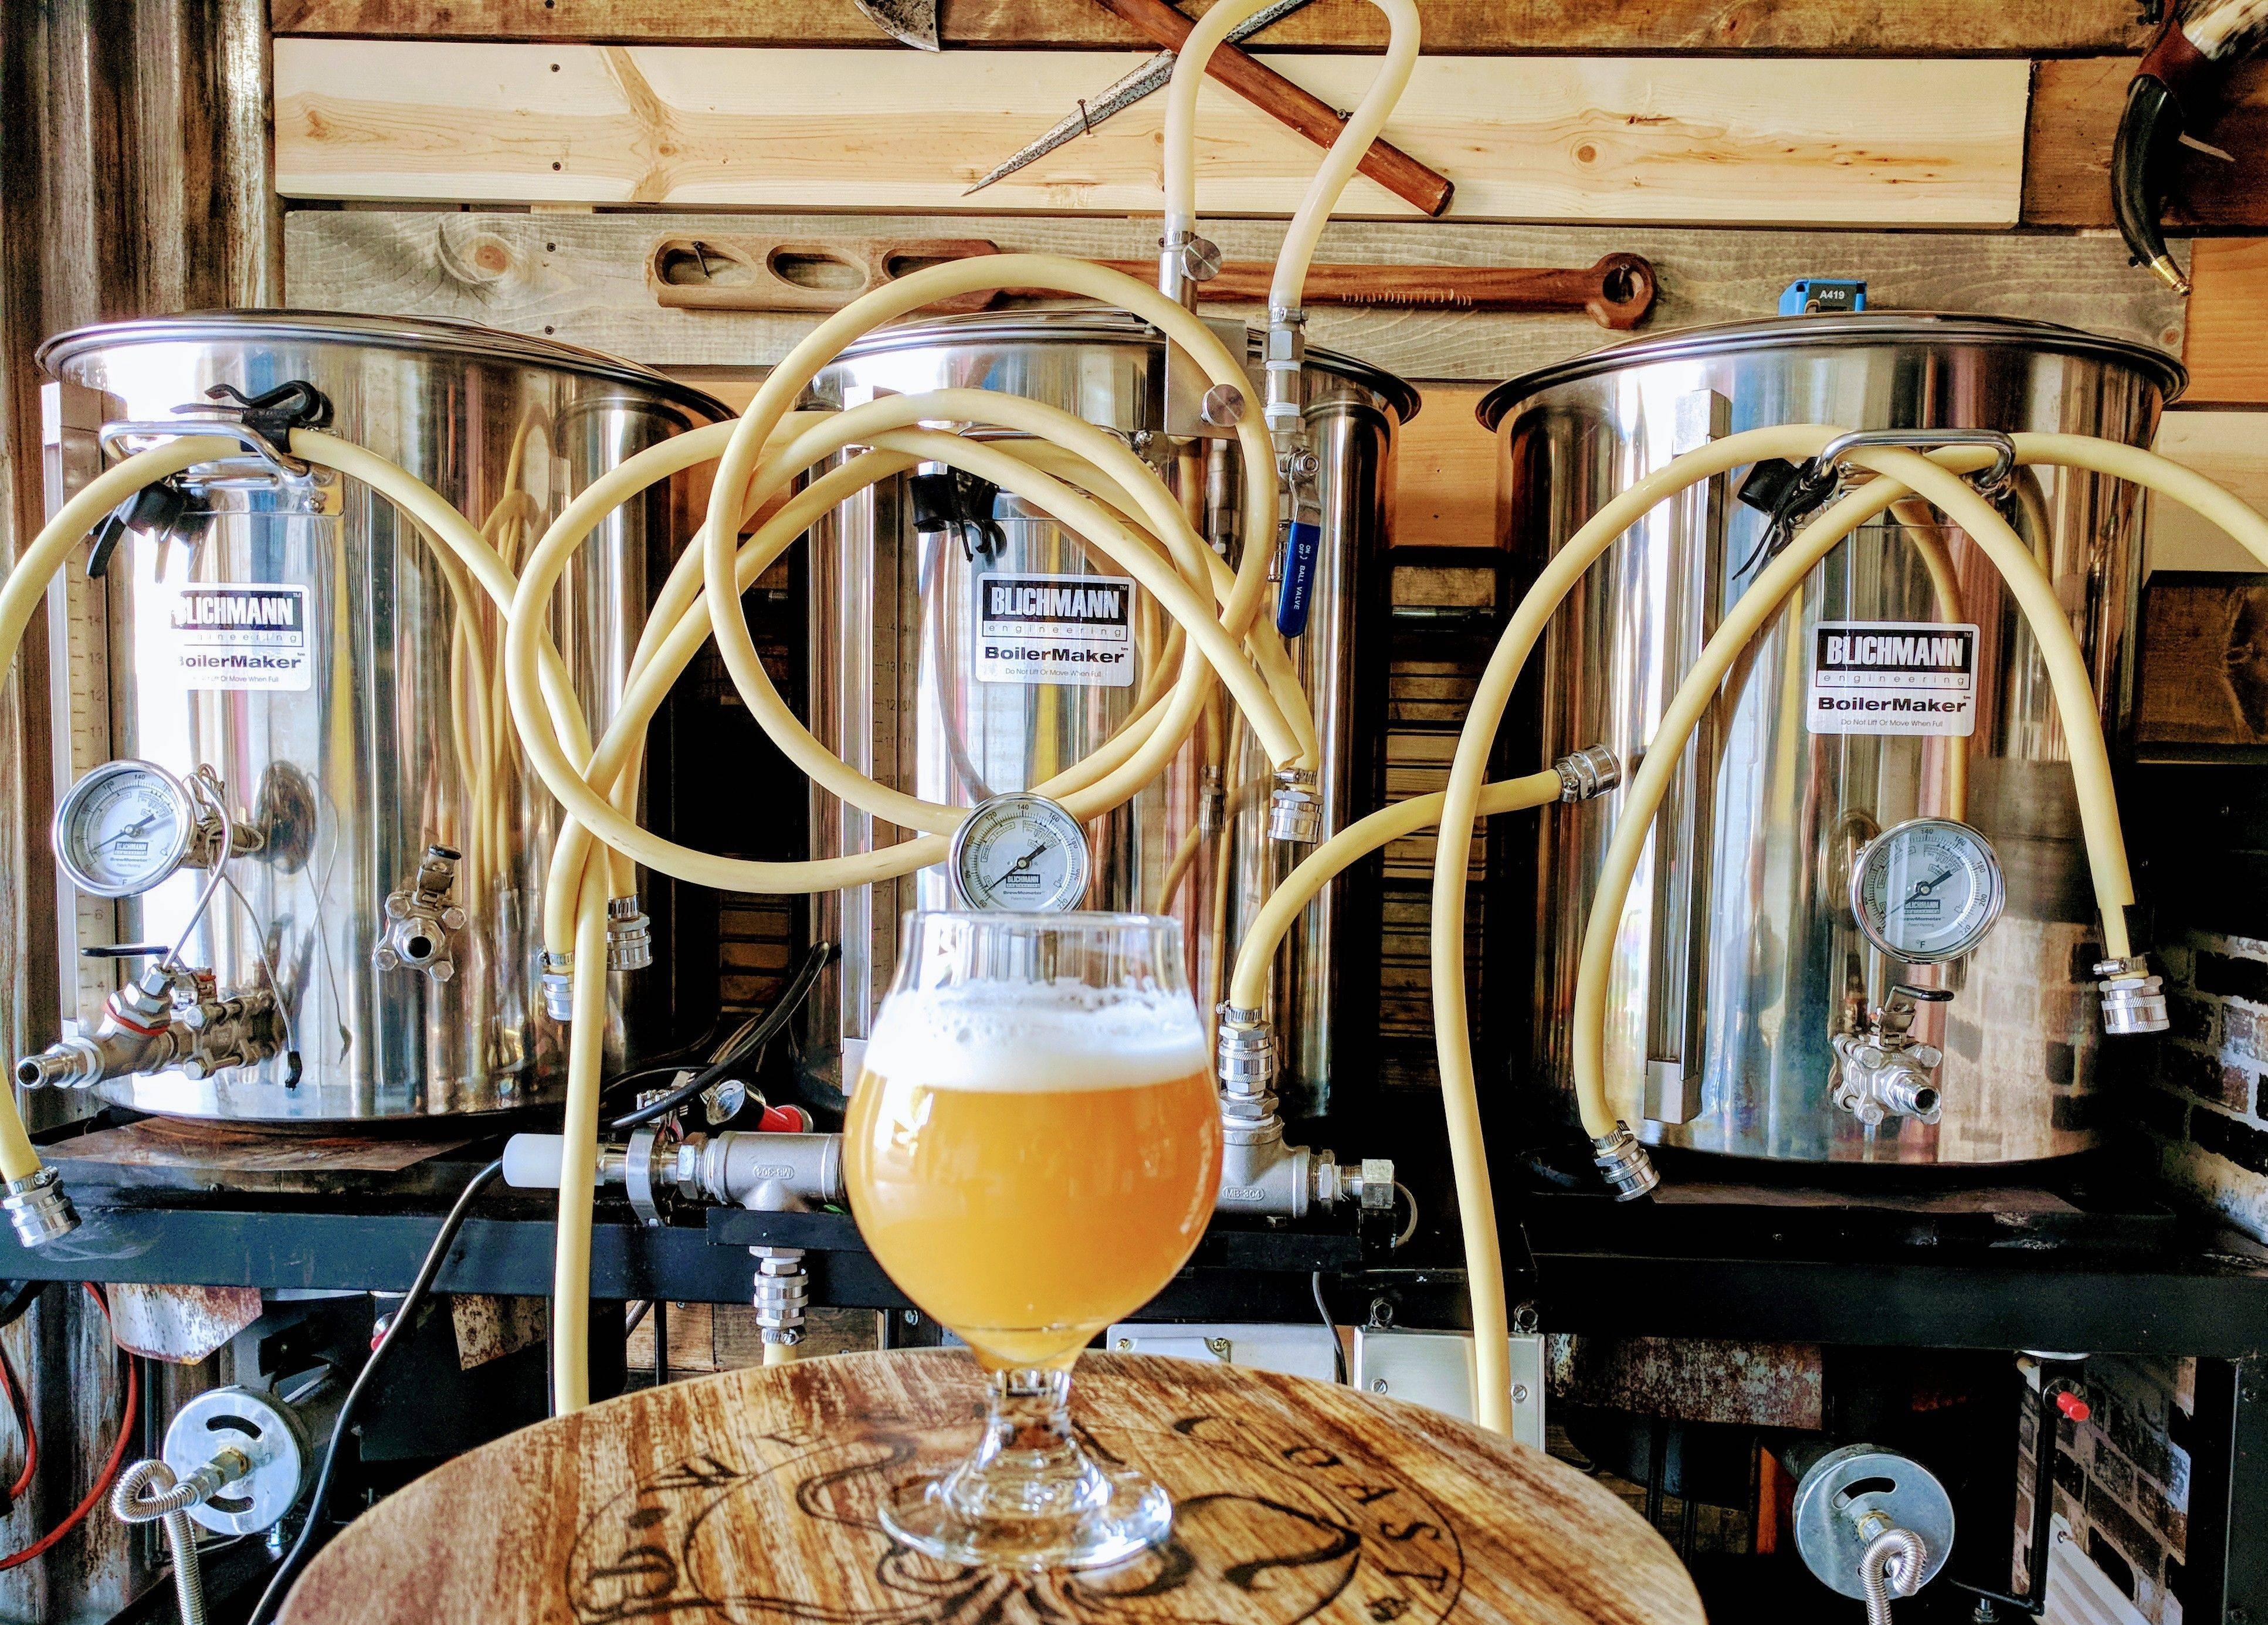 Методы карбонизации домашнего пива: естественная карбонизация